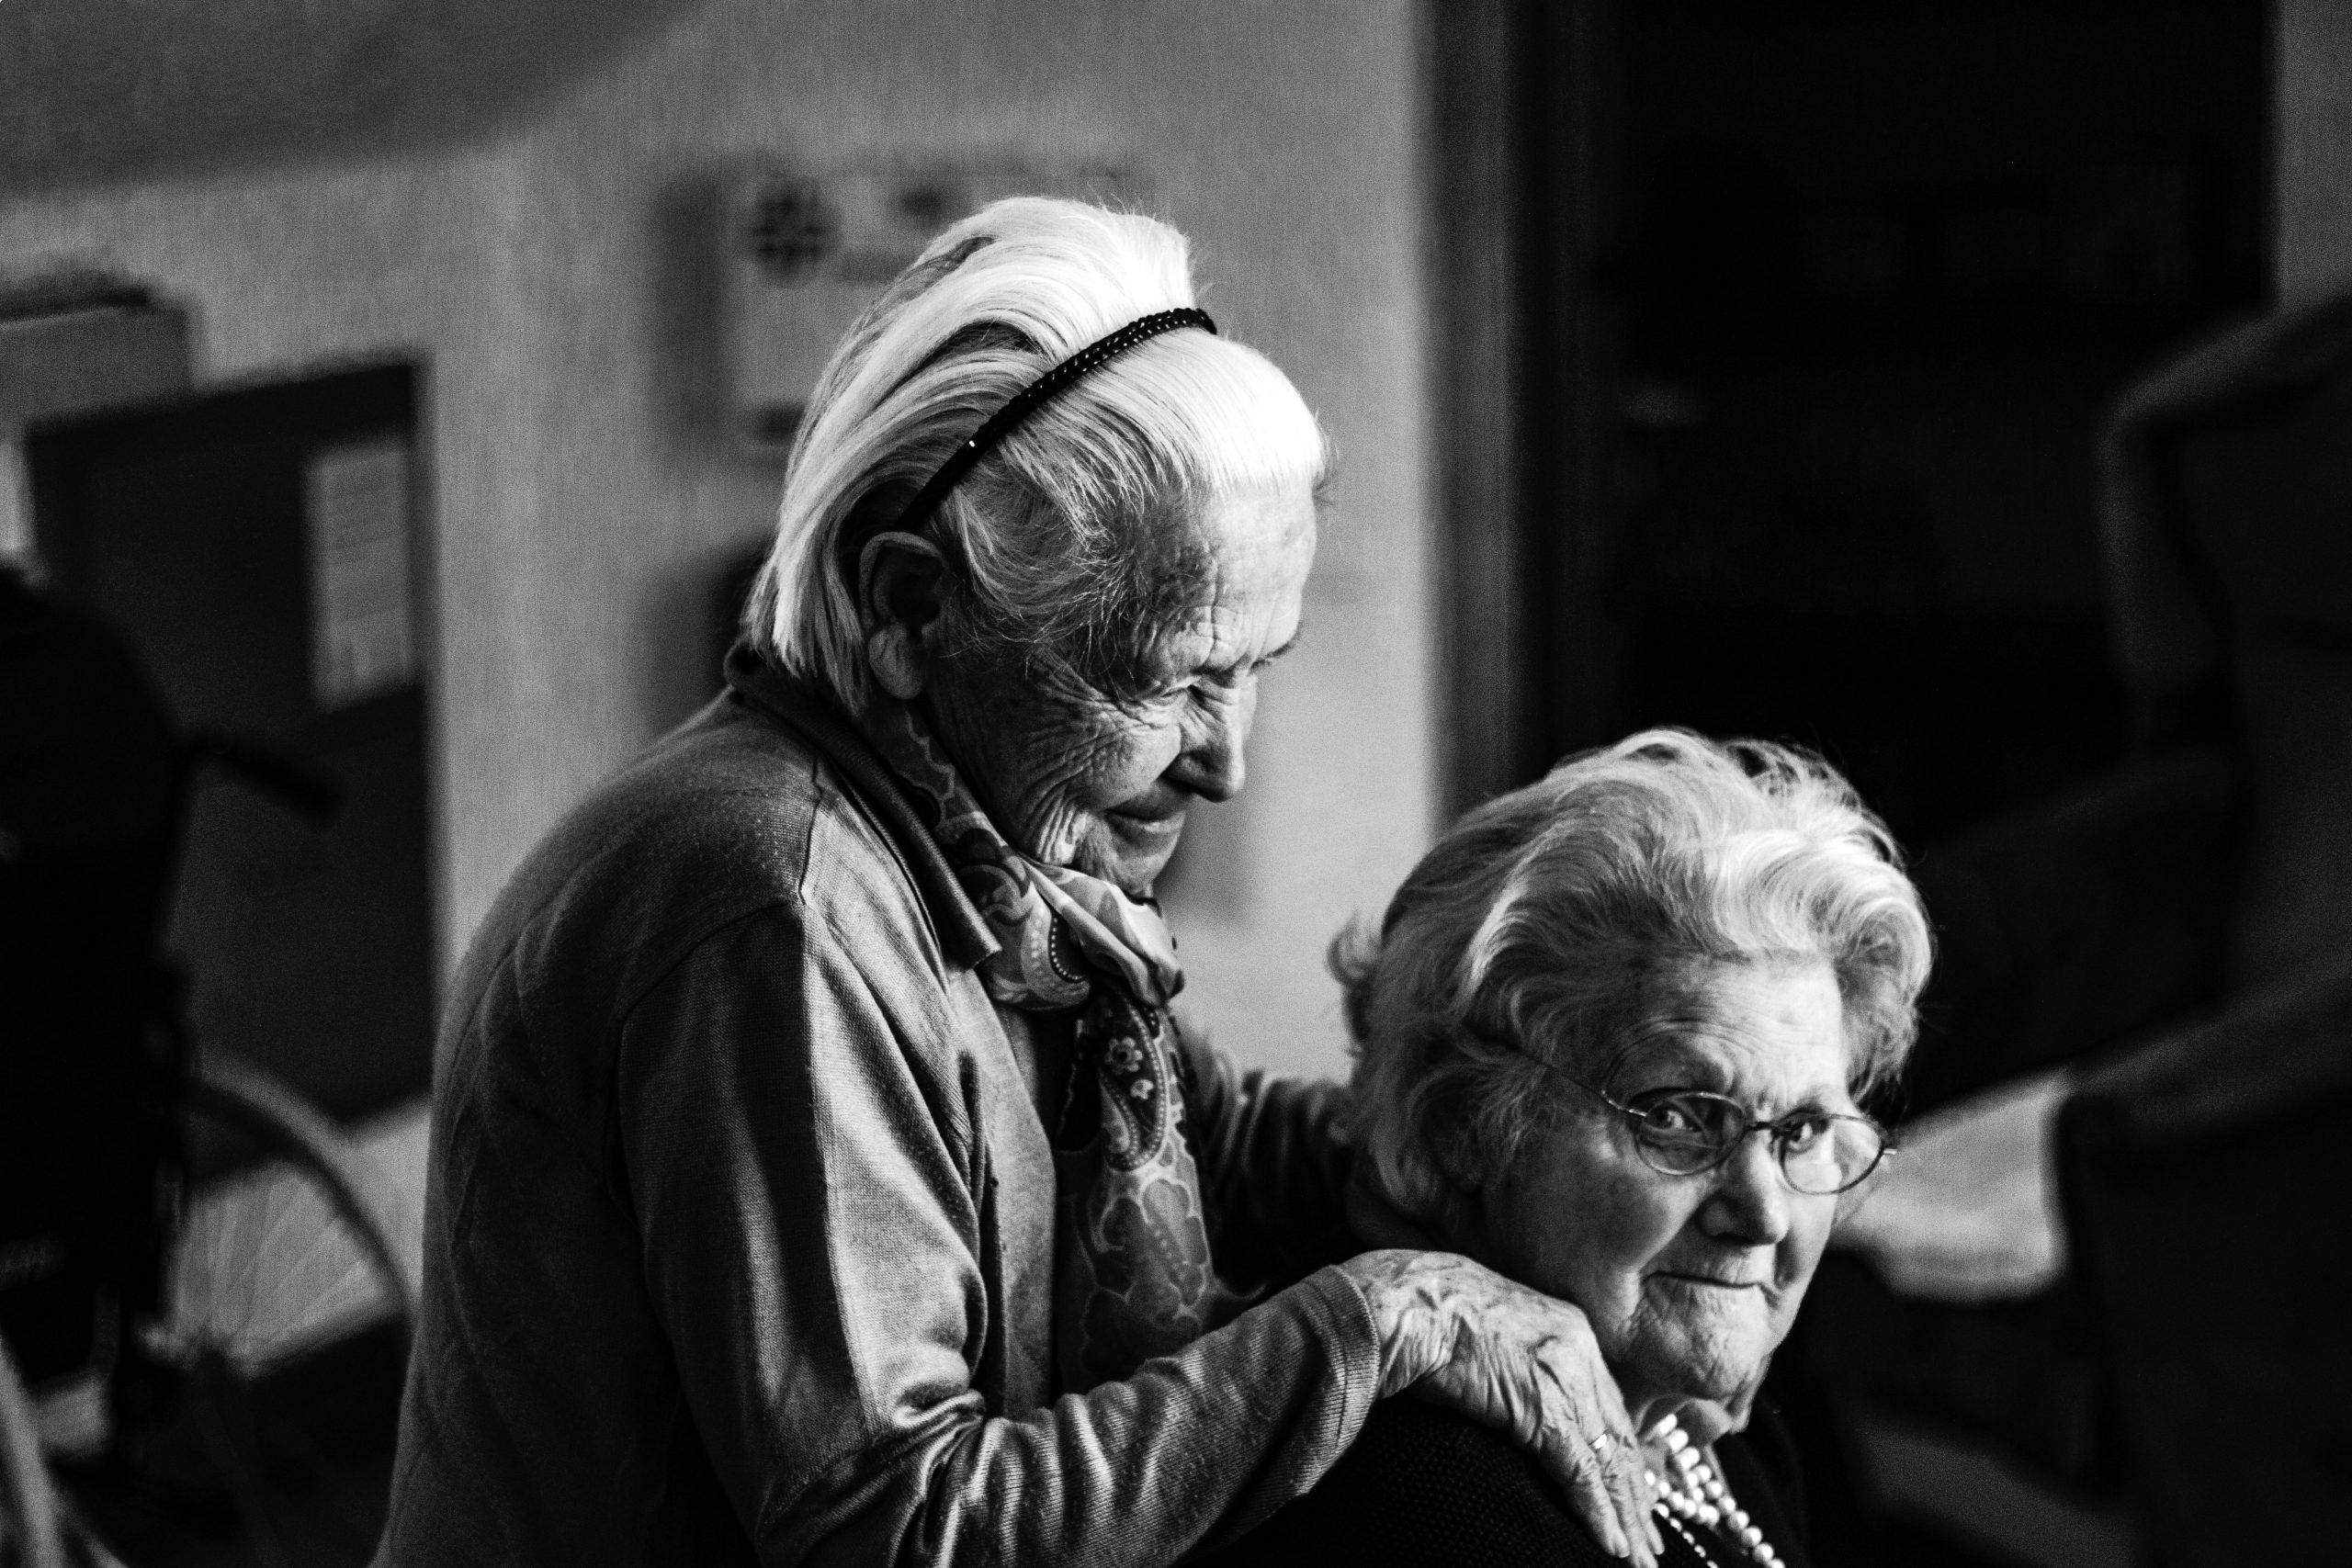 Oude mensen, oude waarden?